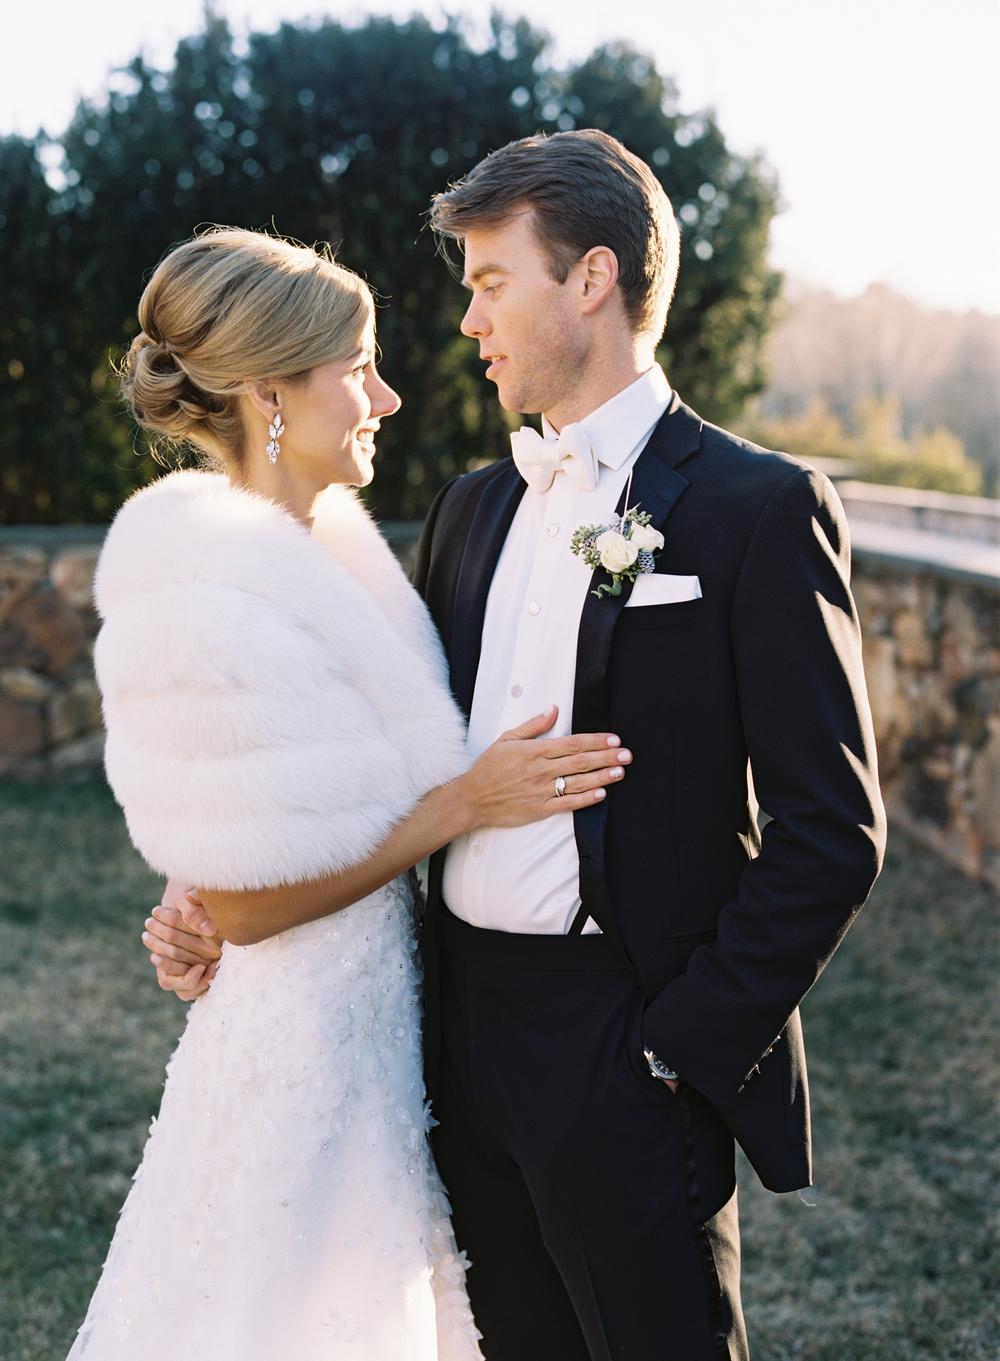 Squires-Saunders_Wedding-4198.jpg